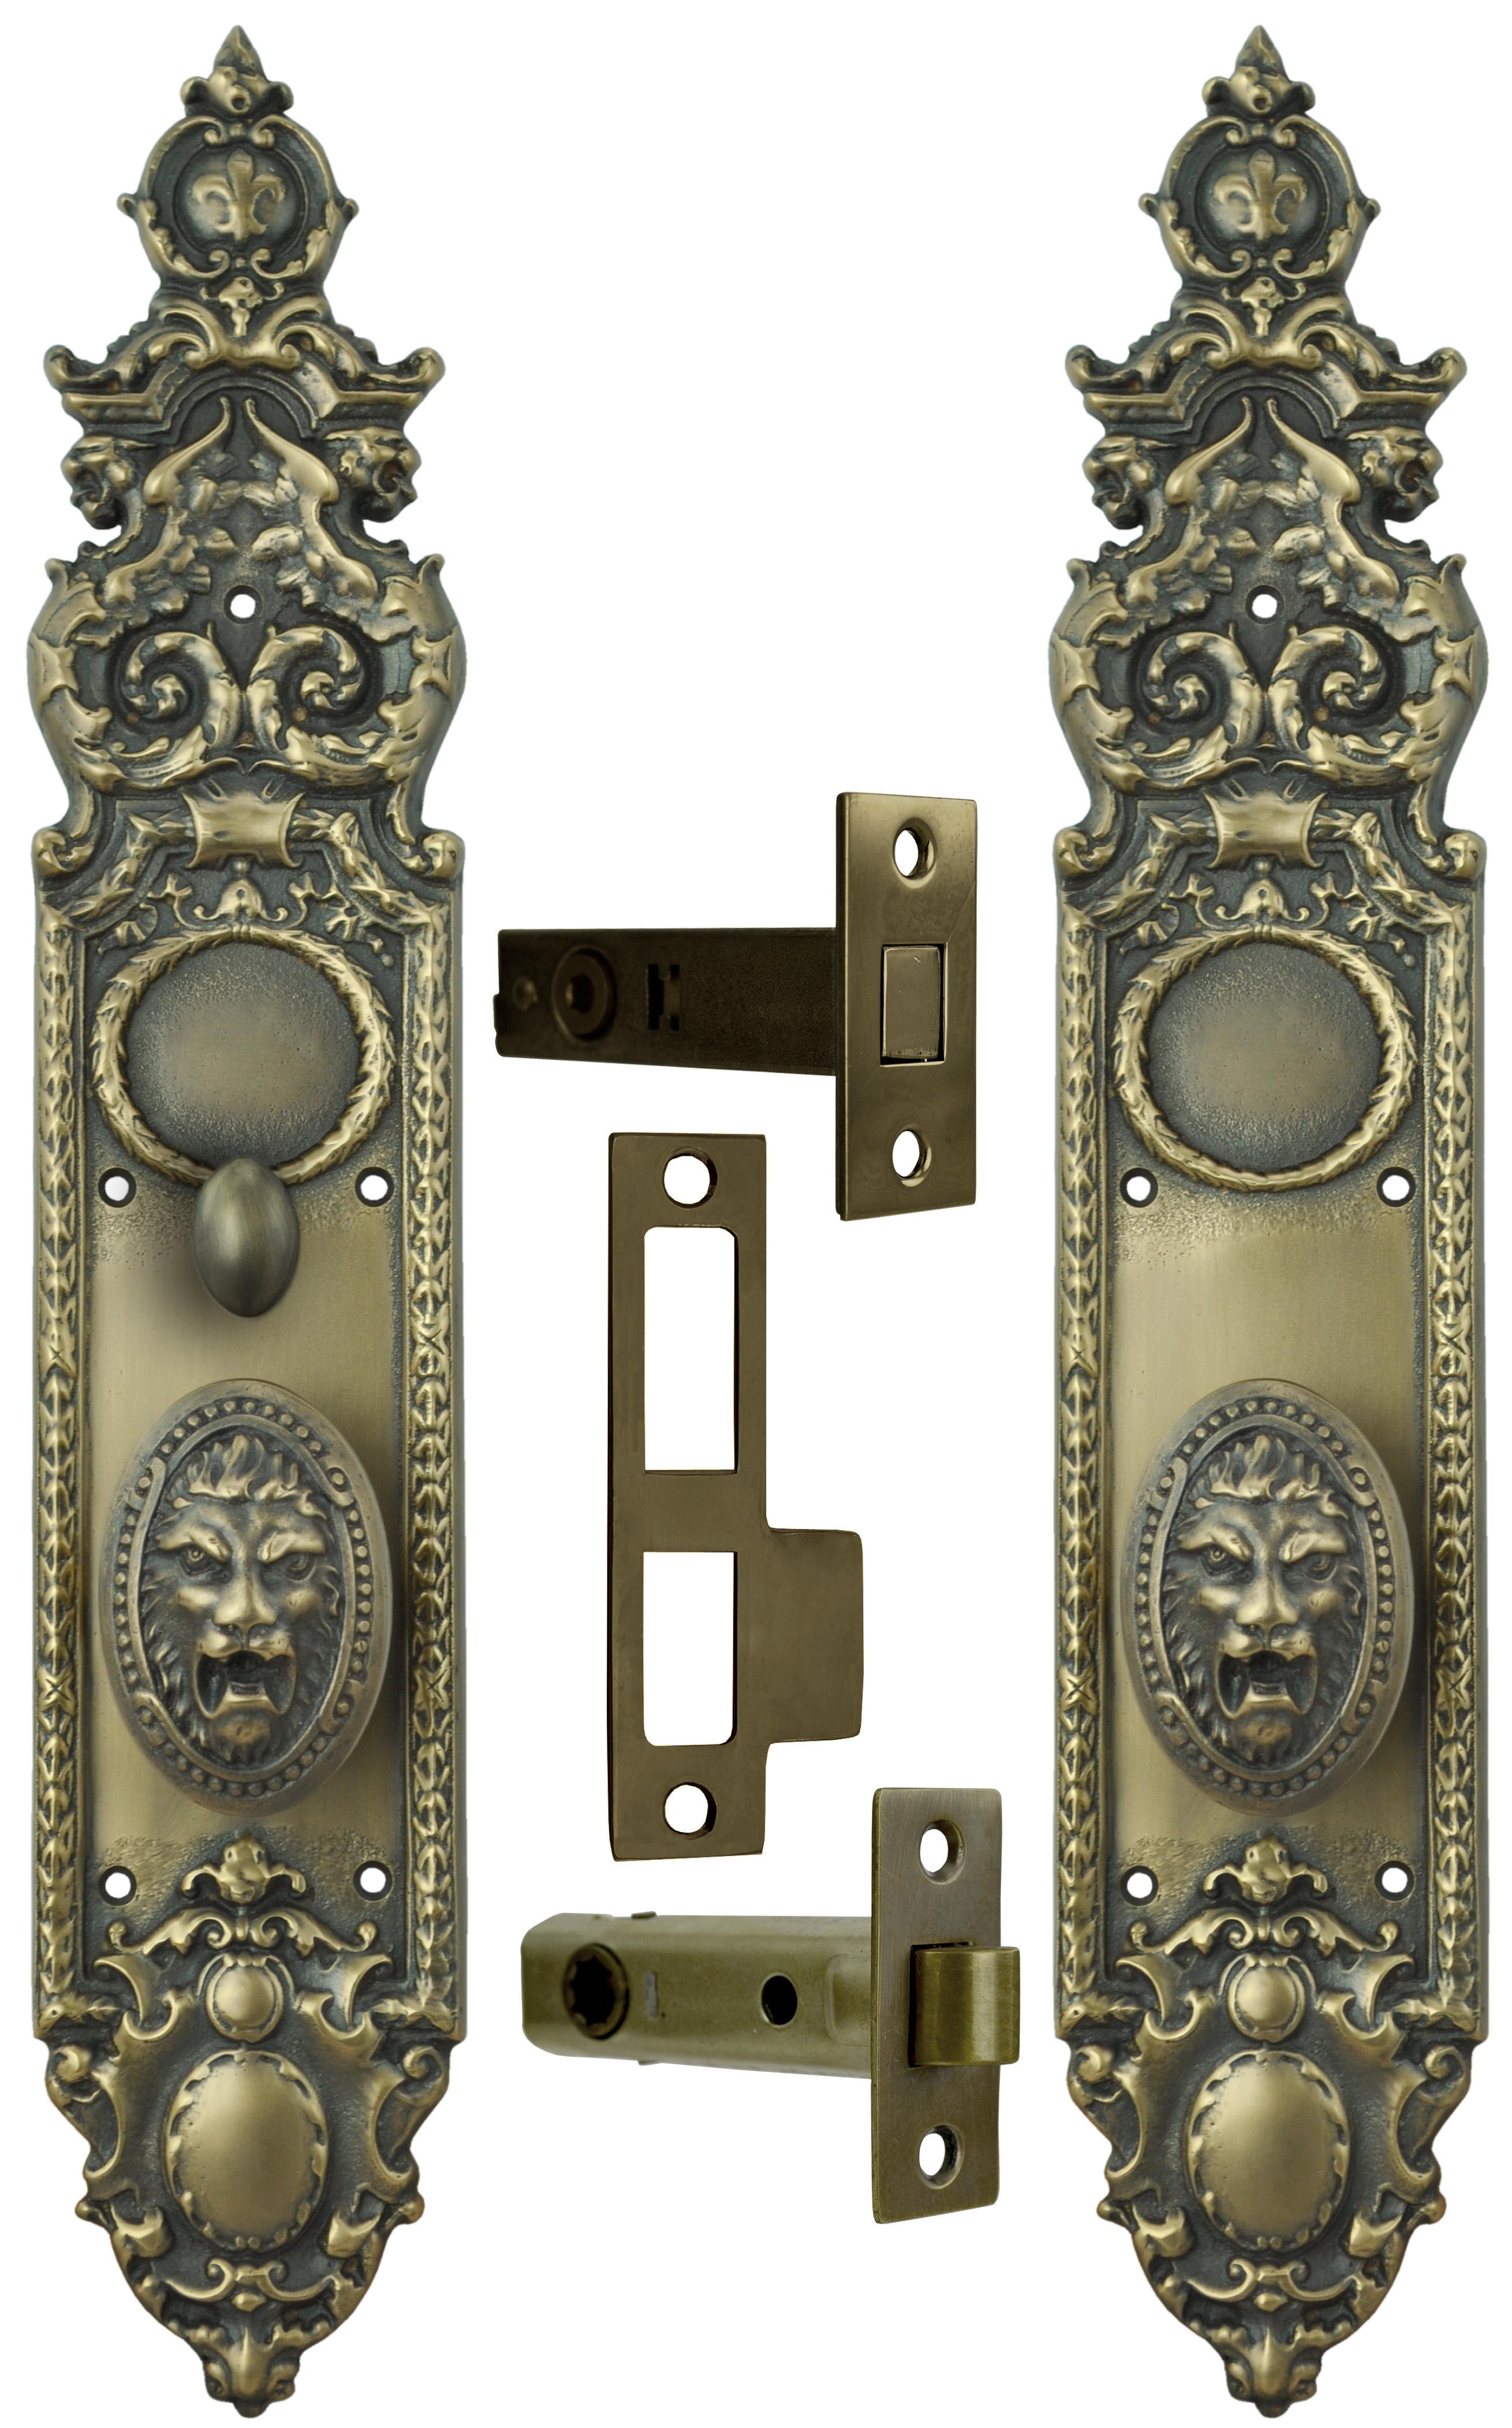 Vintage Hardware Amp Lighting Victorian Heraldic Door